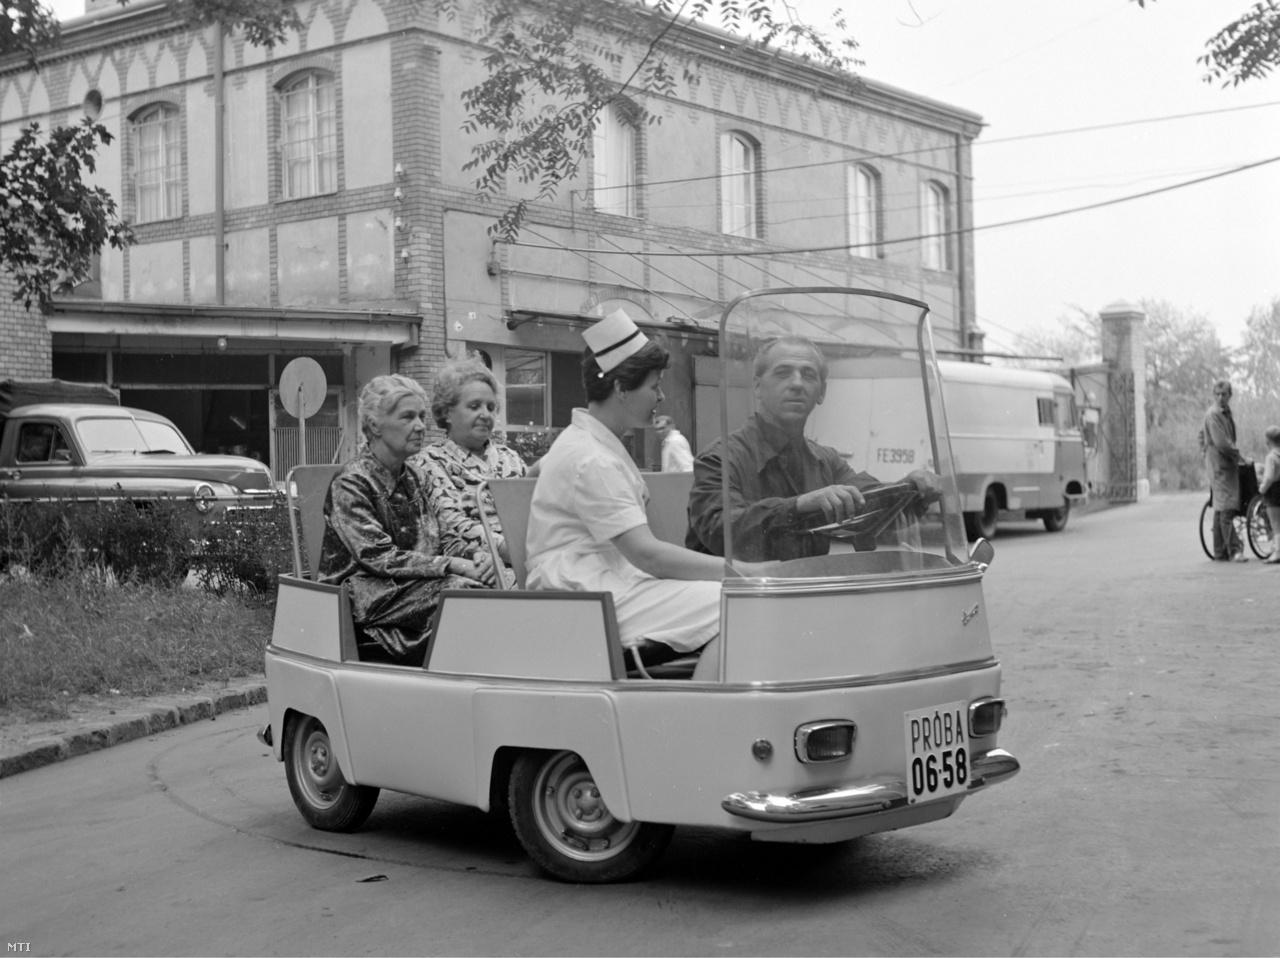 Betegeket szállítanak a Villamosipari Kutató Intézet villamos autójának prototípusán1968. szeptember 13-án. A villamos kisautót a Szolnok megyei Tanács Vasipari Vállalata gyártotta. A két méter és húsz centiméter hosszú autó a kórházi belső szállítás teljes ellátására alkalmas volt – beteg, étel, ágynemű. Kis méretével bárhol parkolhatott, gyorsan fordult, a városokban is közlekedhetett, akkumulátorai egy éjszaka alatt töltődtek